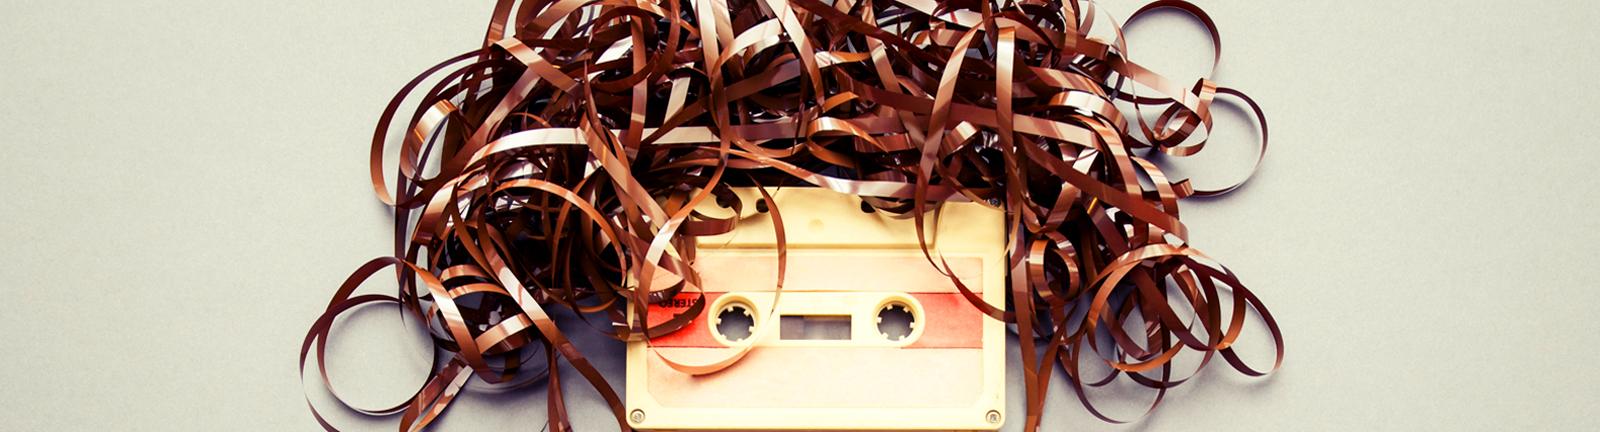 Kassette mit Tonband-Wirrwarr sieht auch wie ein Kopf mit Haaren.